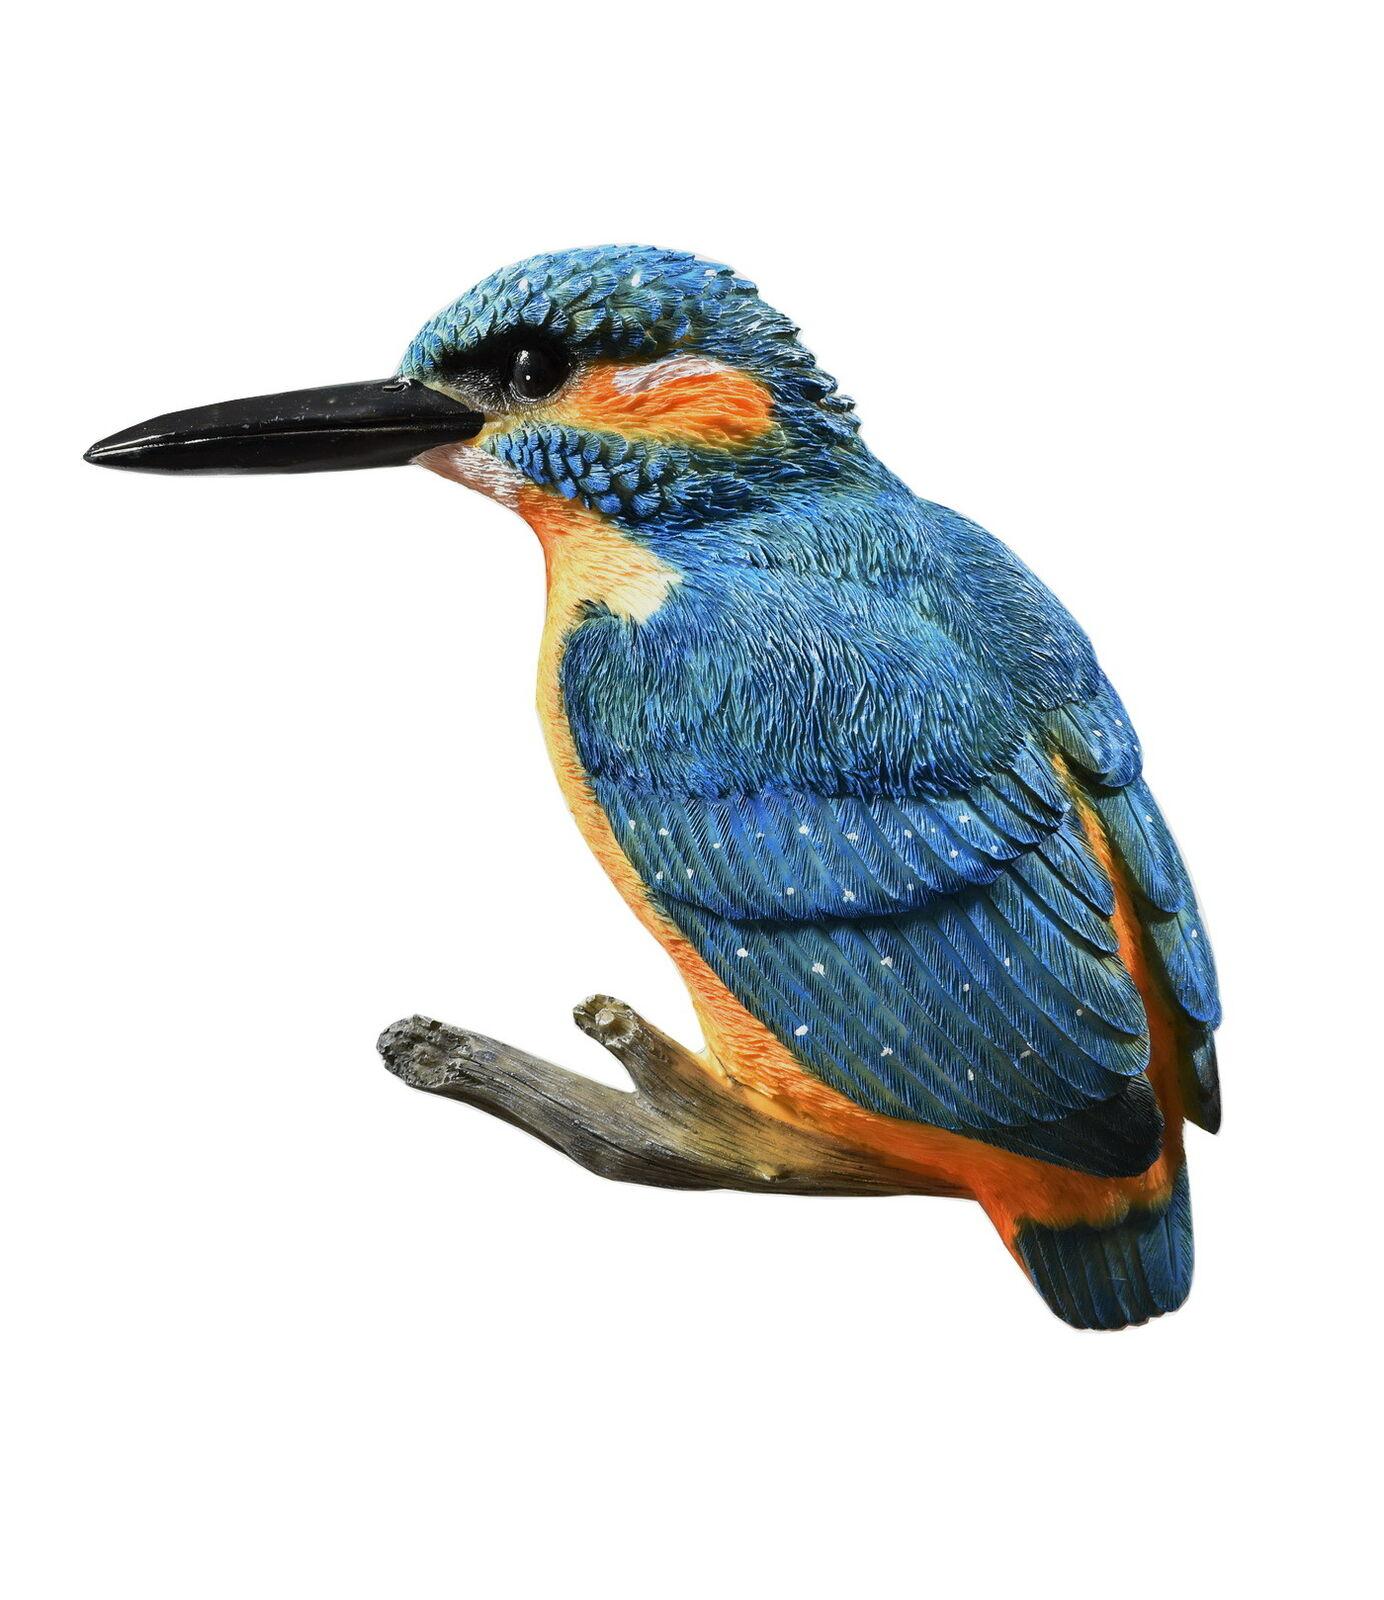 Steinfigur Vogel Vögel Gartenfigur Dekofigur Tierfigur Gartendeko Betonfigur